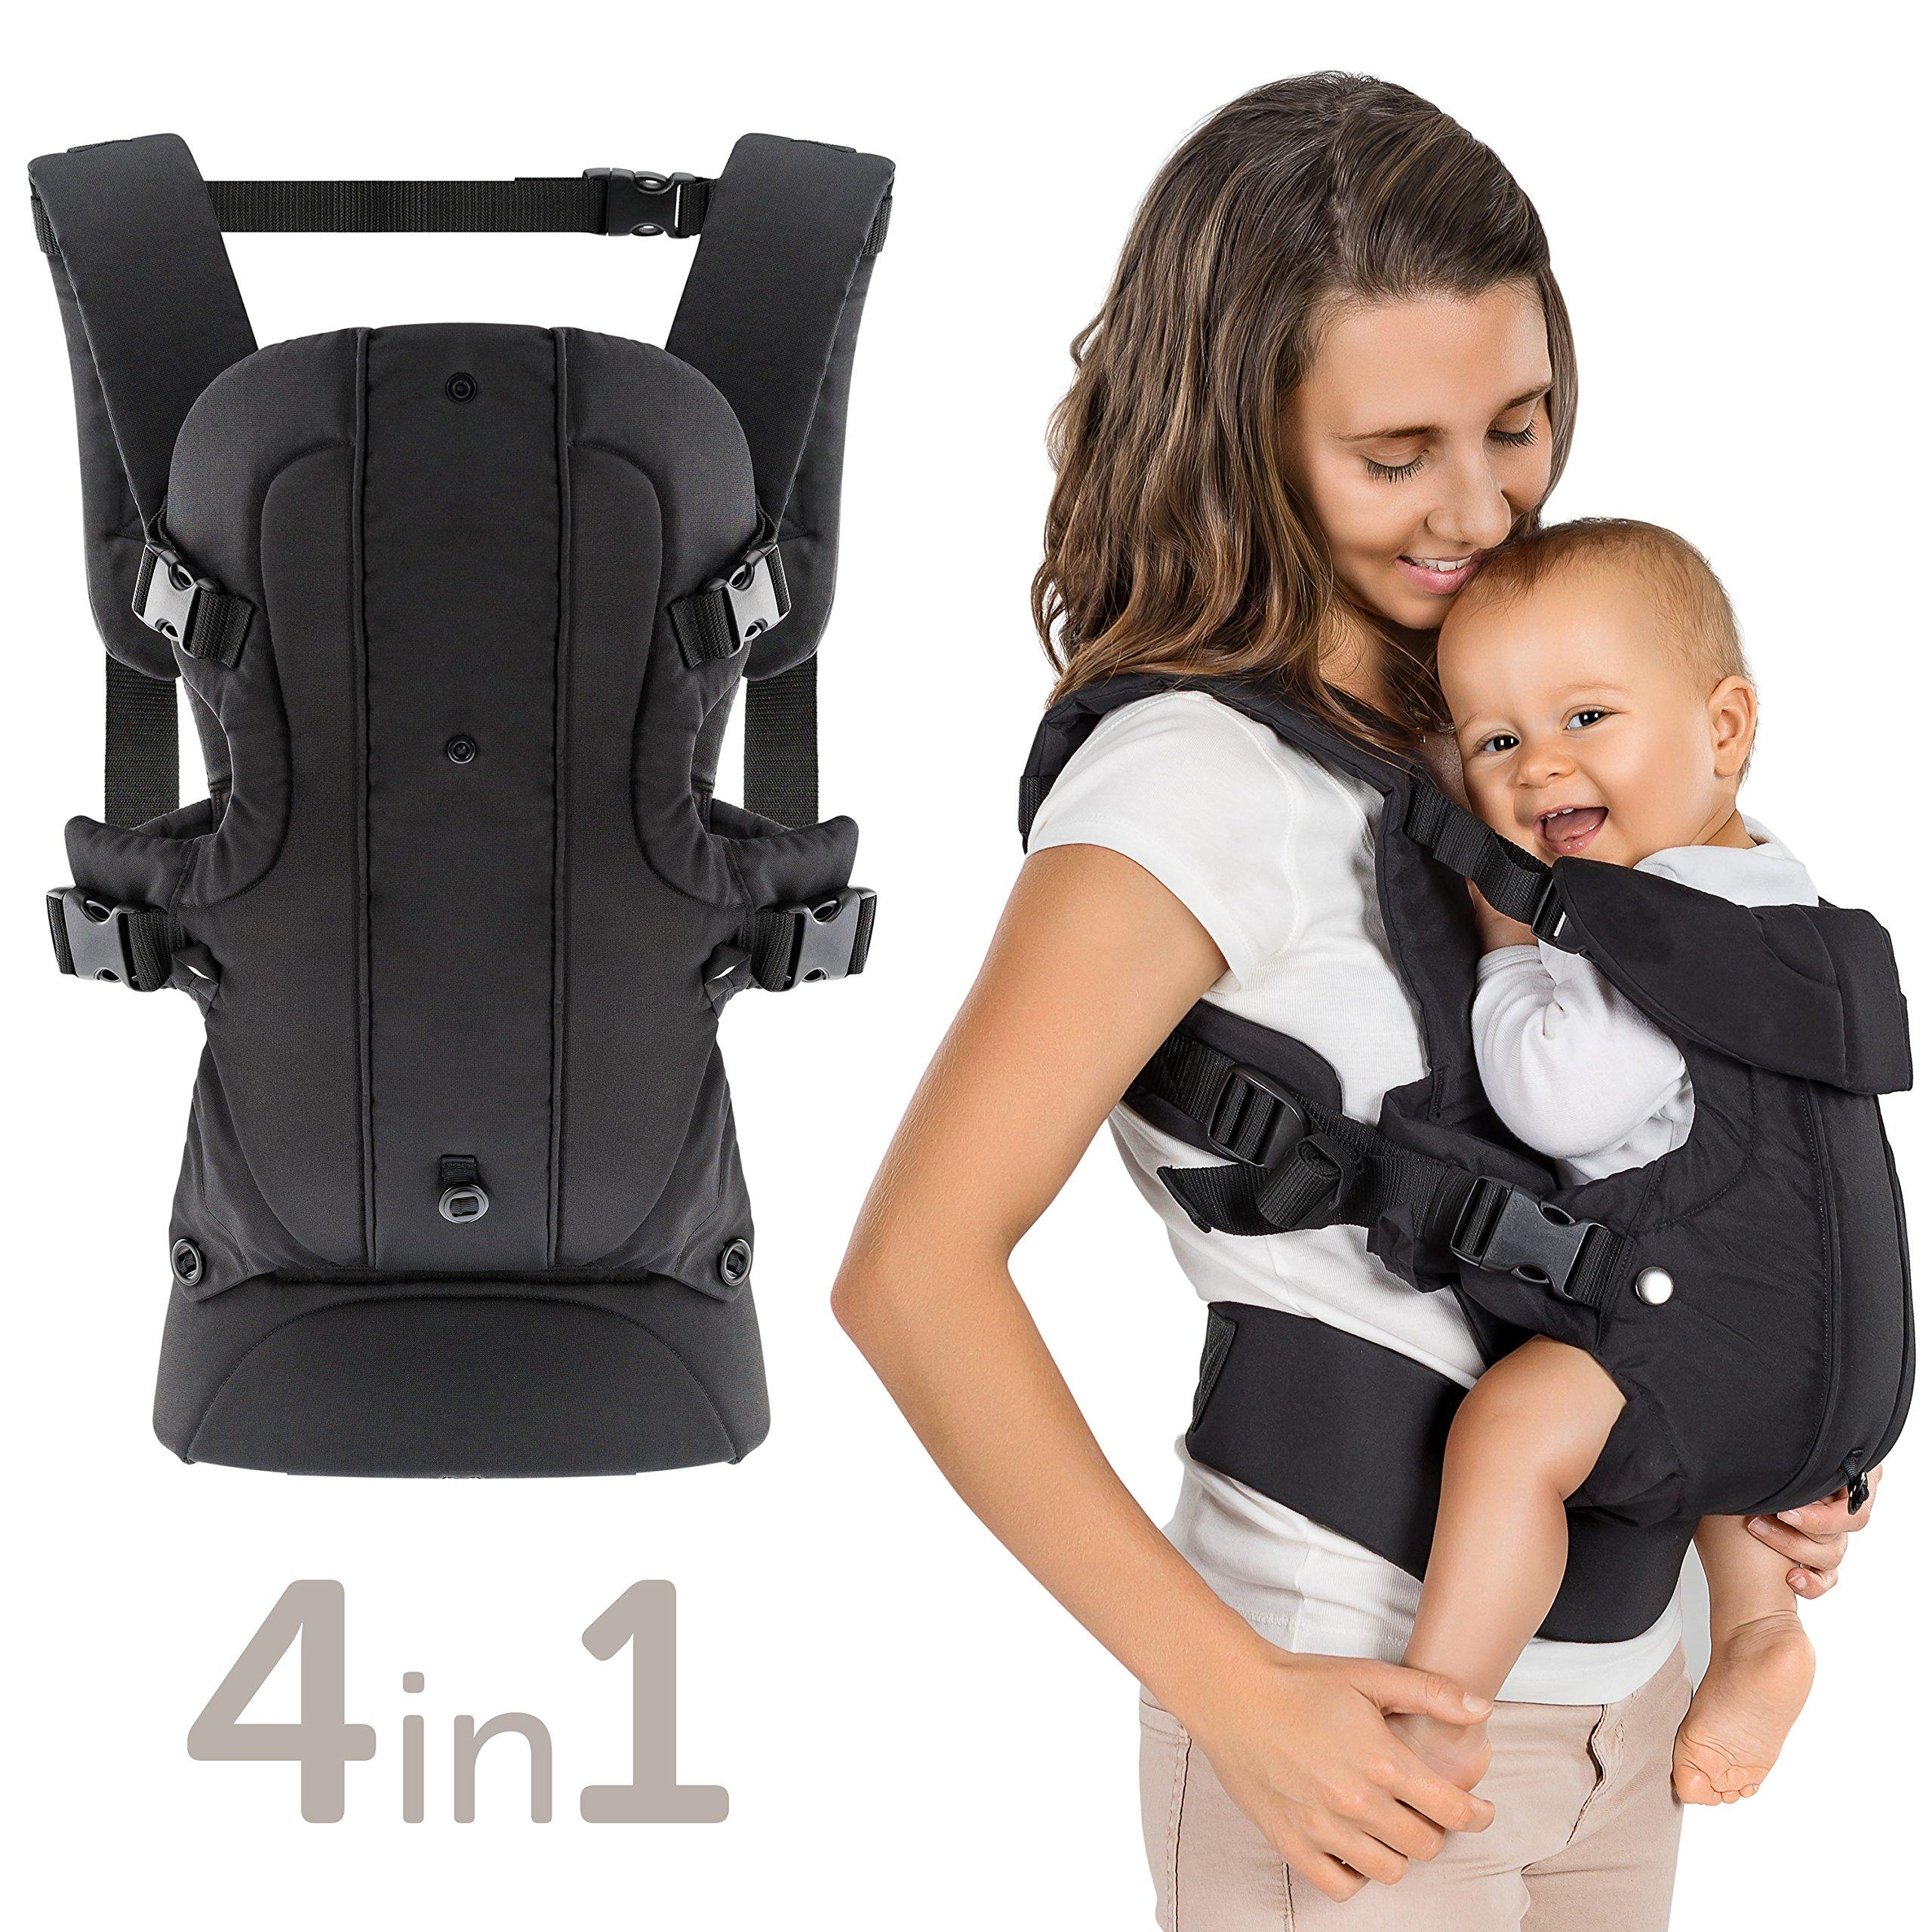 b4056d3b6b8 Porte bébé ergonomique   Multiposition 4 en 1 - ventral